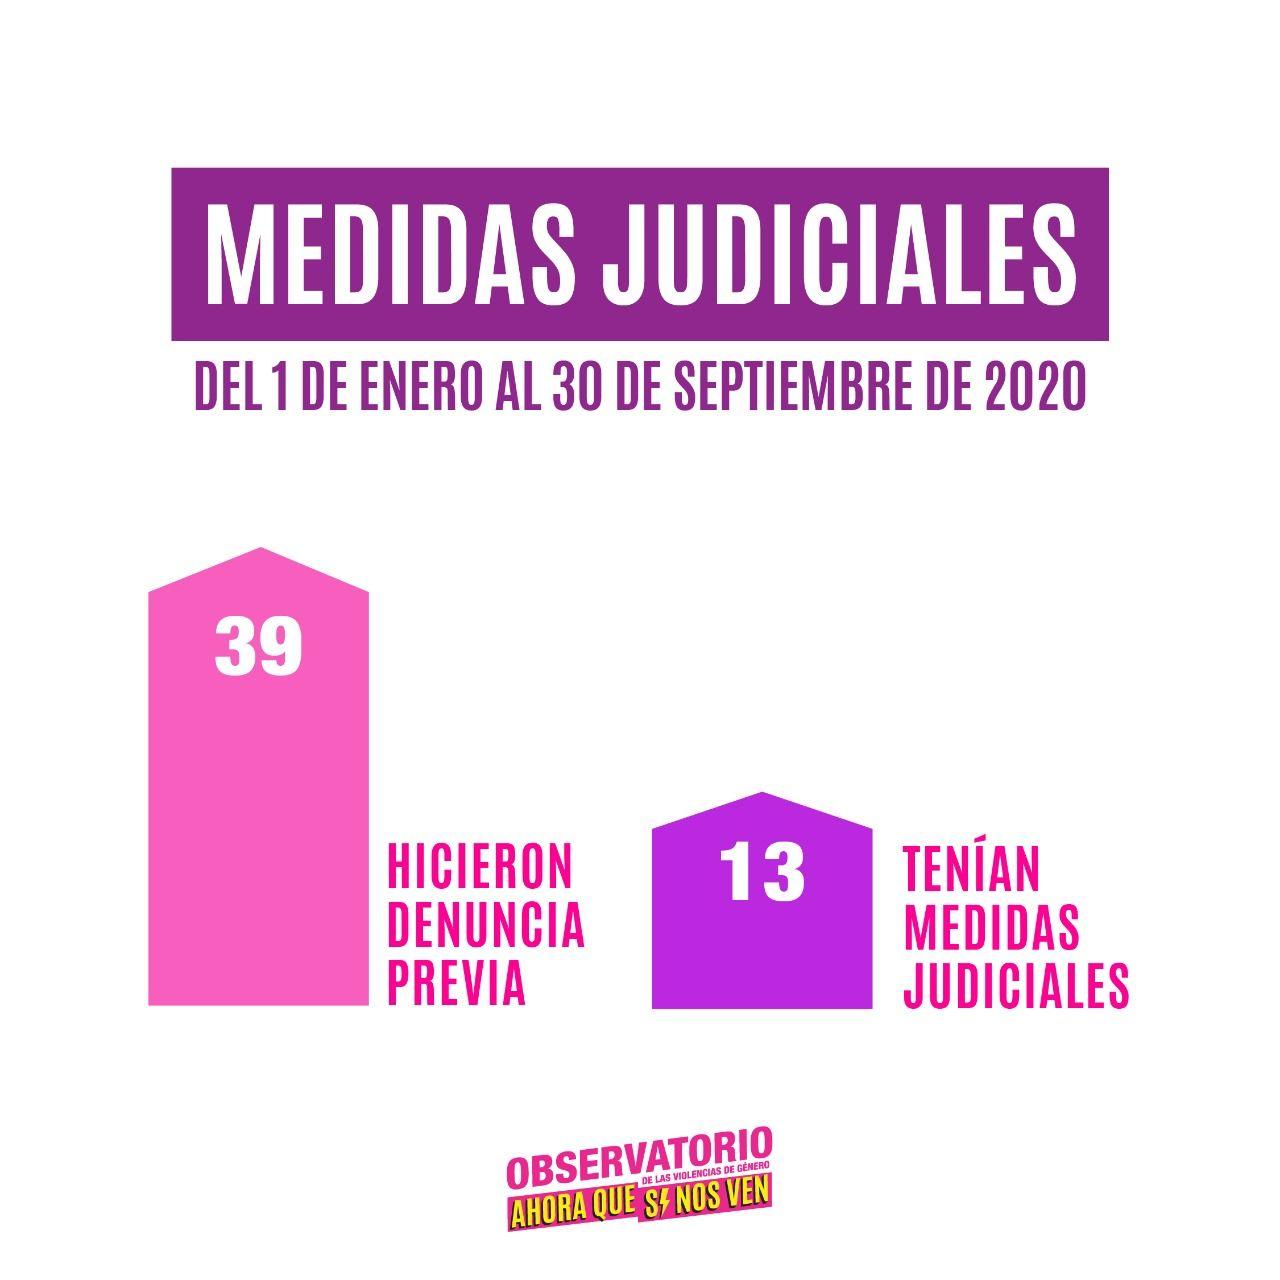 Medidas Judiciales: 39 hicieron denuncia previa y 13 tenian medidas judiciales